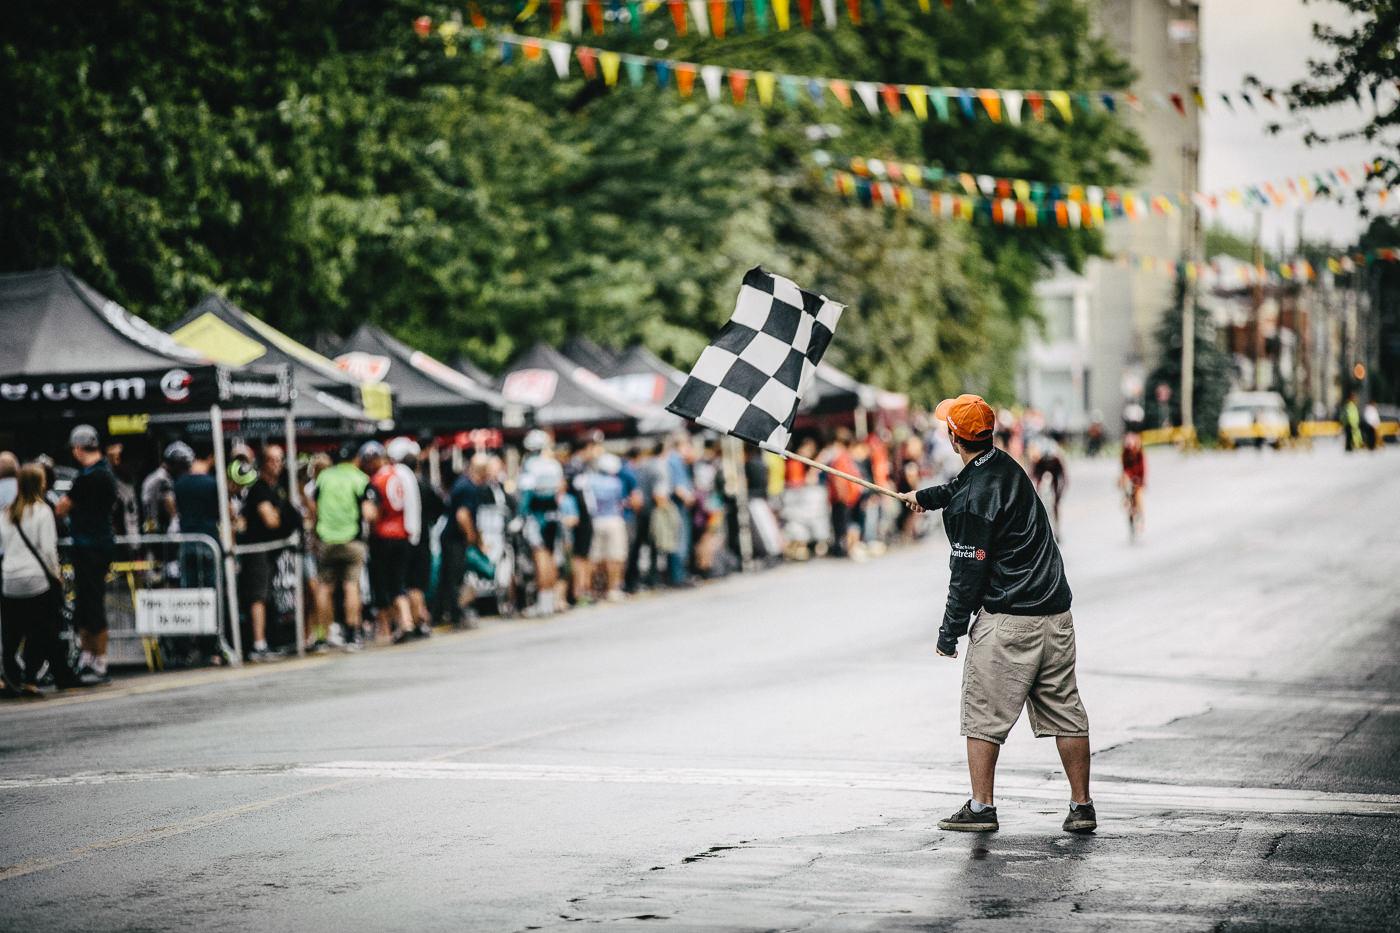 photo événement course vélo opus mardi lachine